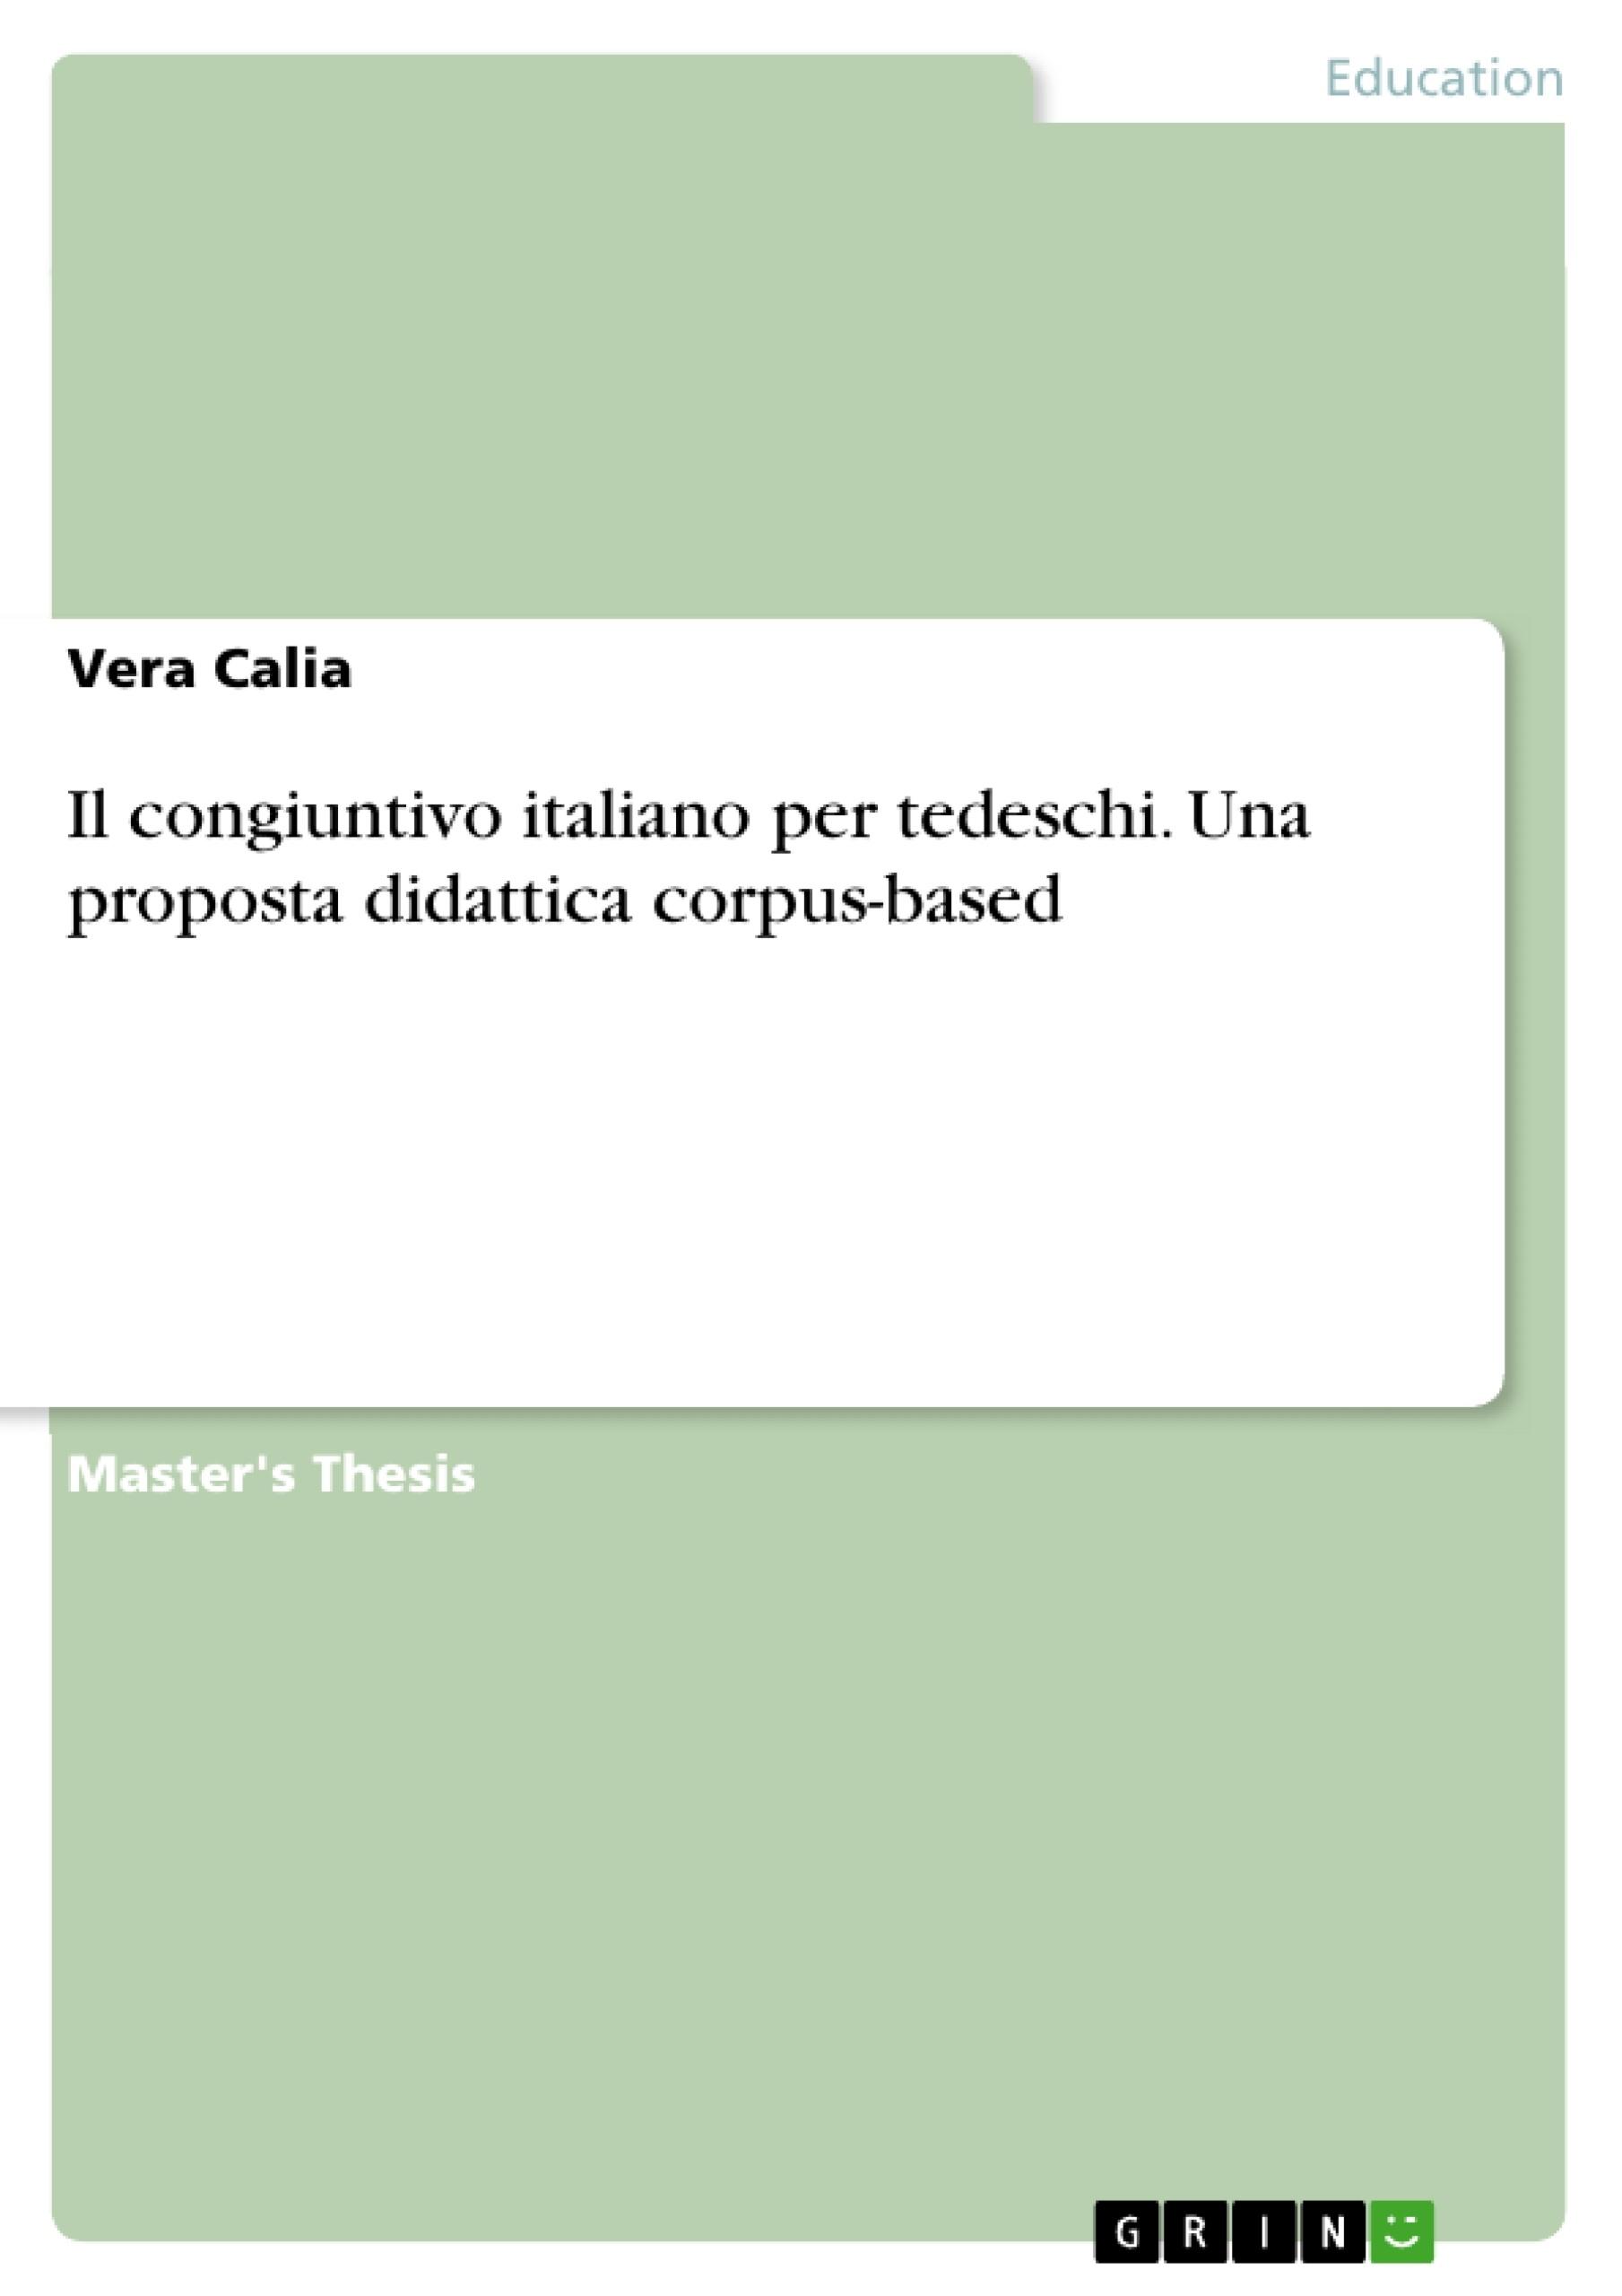 Title: Il congiuntivo italiano per tedeschi. Una proposta didattica corpus-based